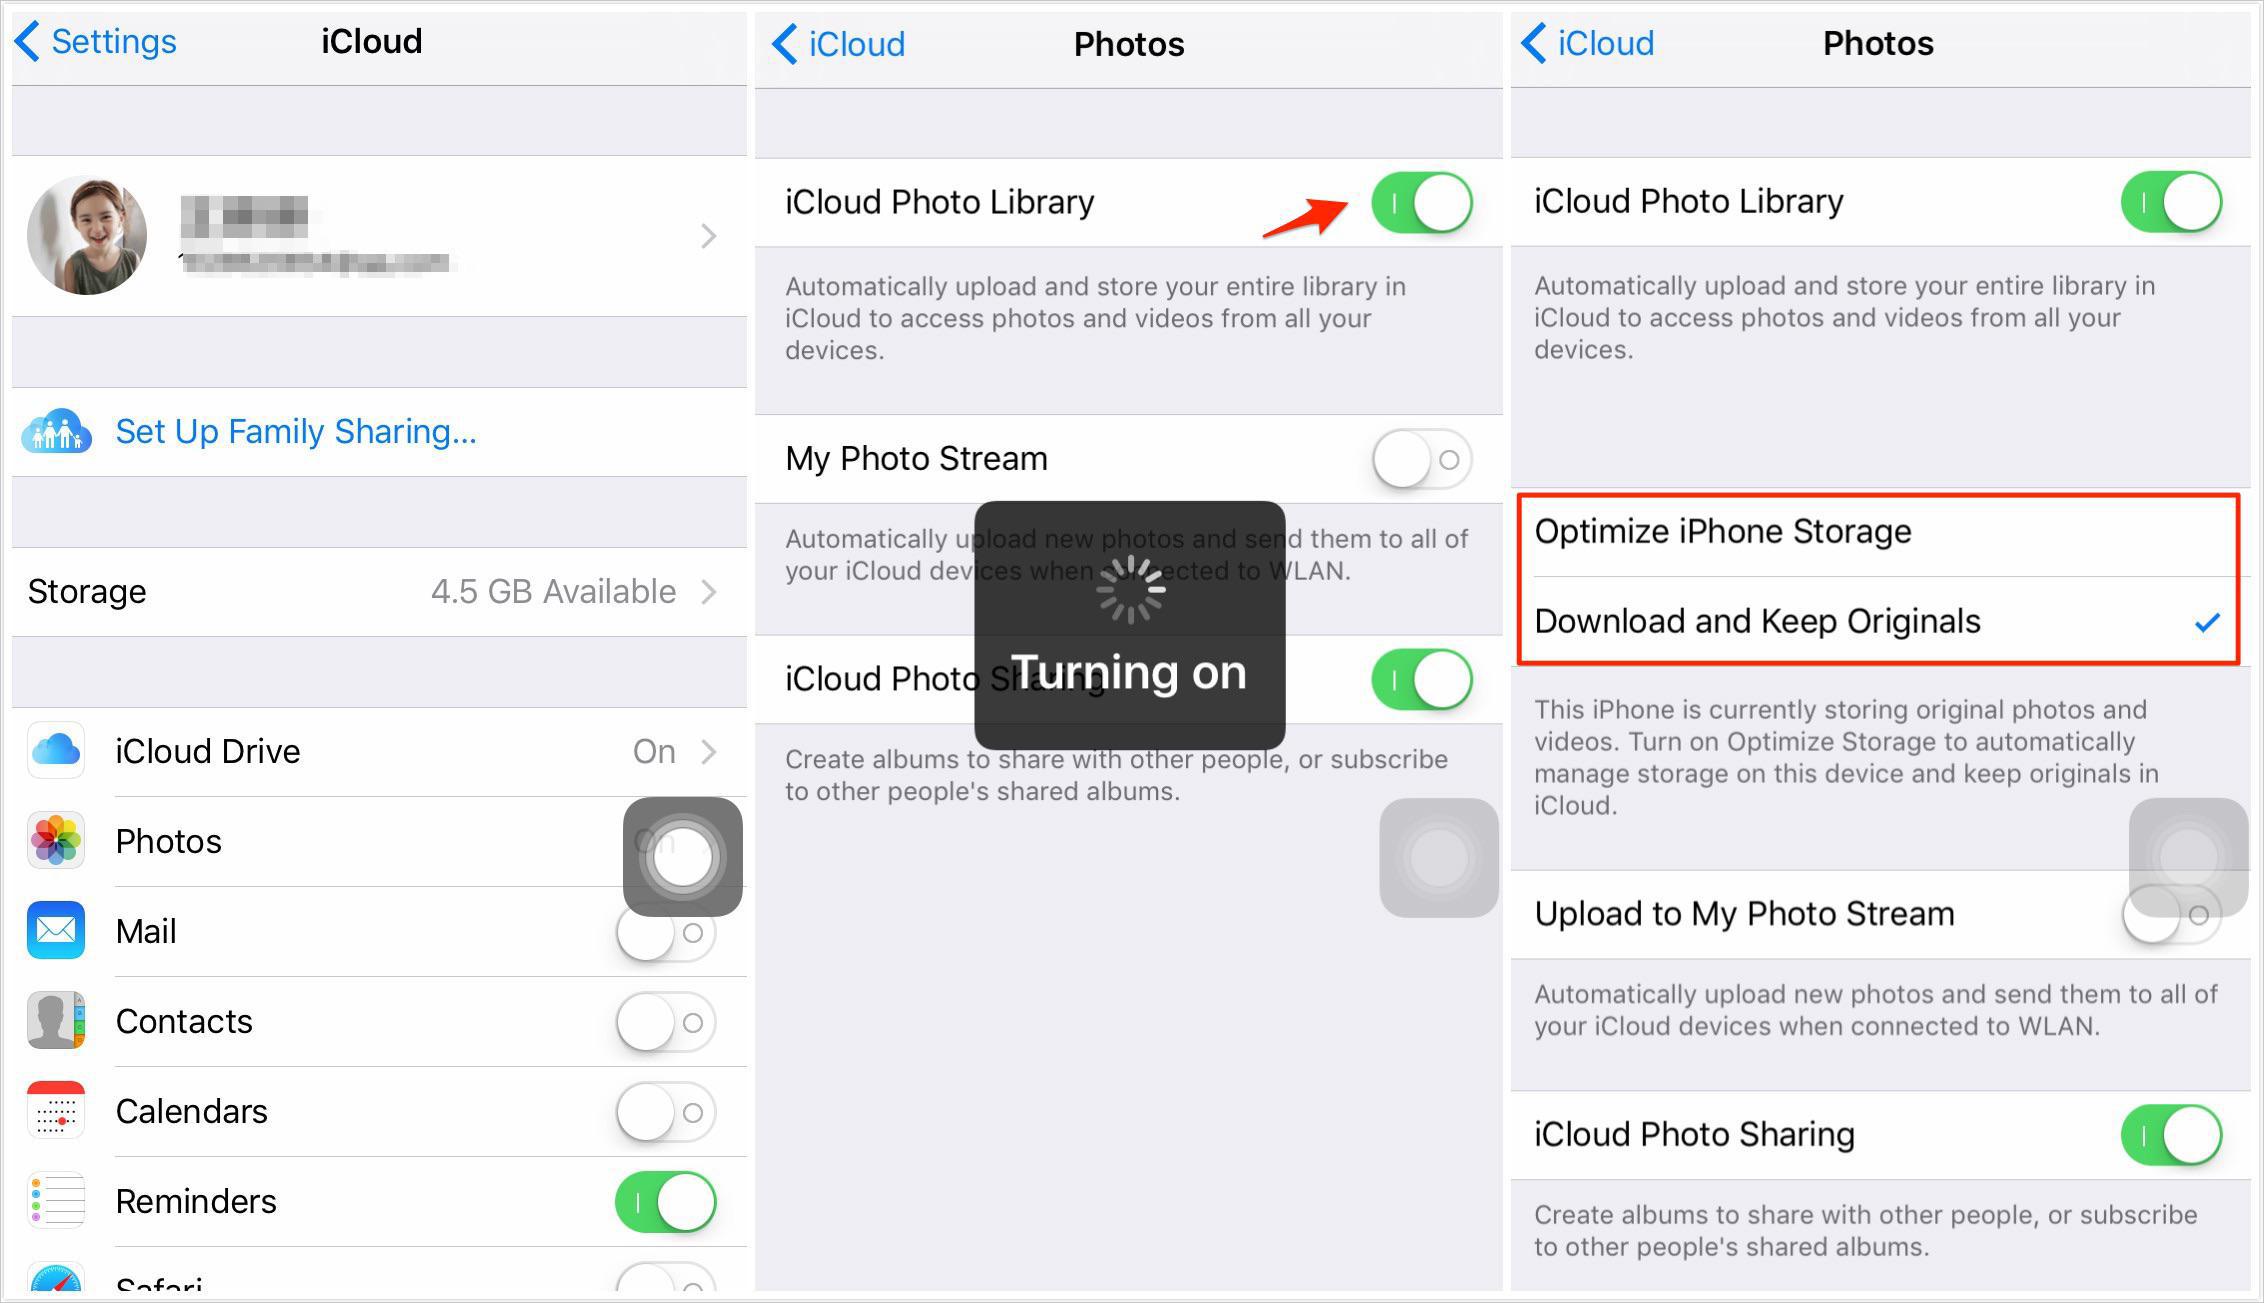 كيفية مزامنة الصور بين اثنين من أجهزة الأيفون باستخدام